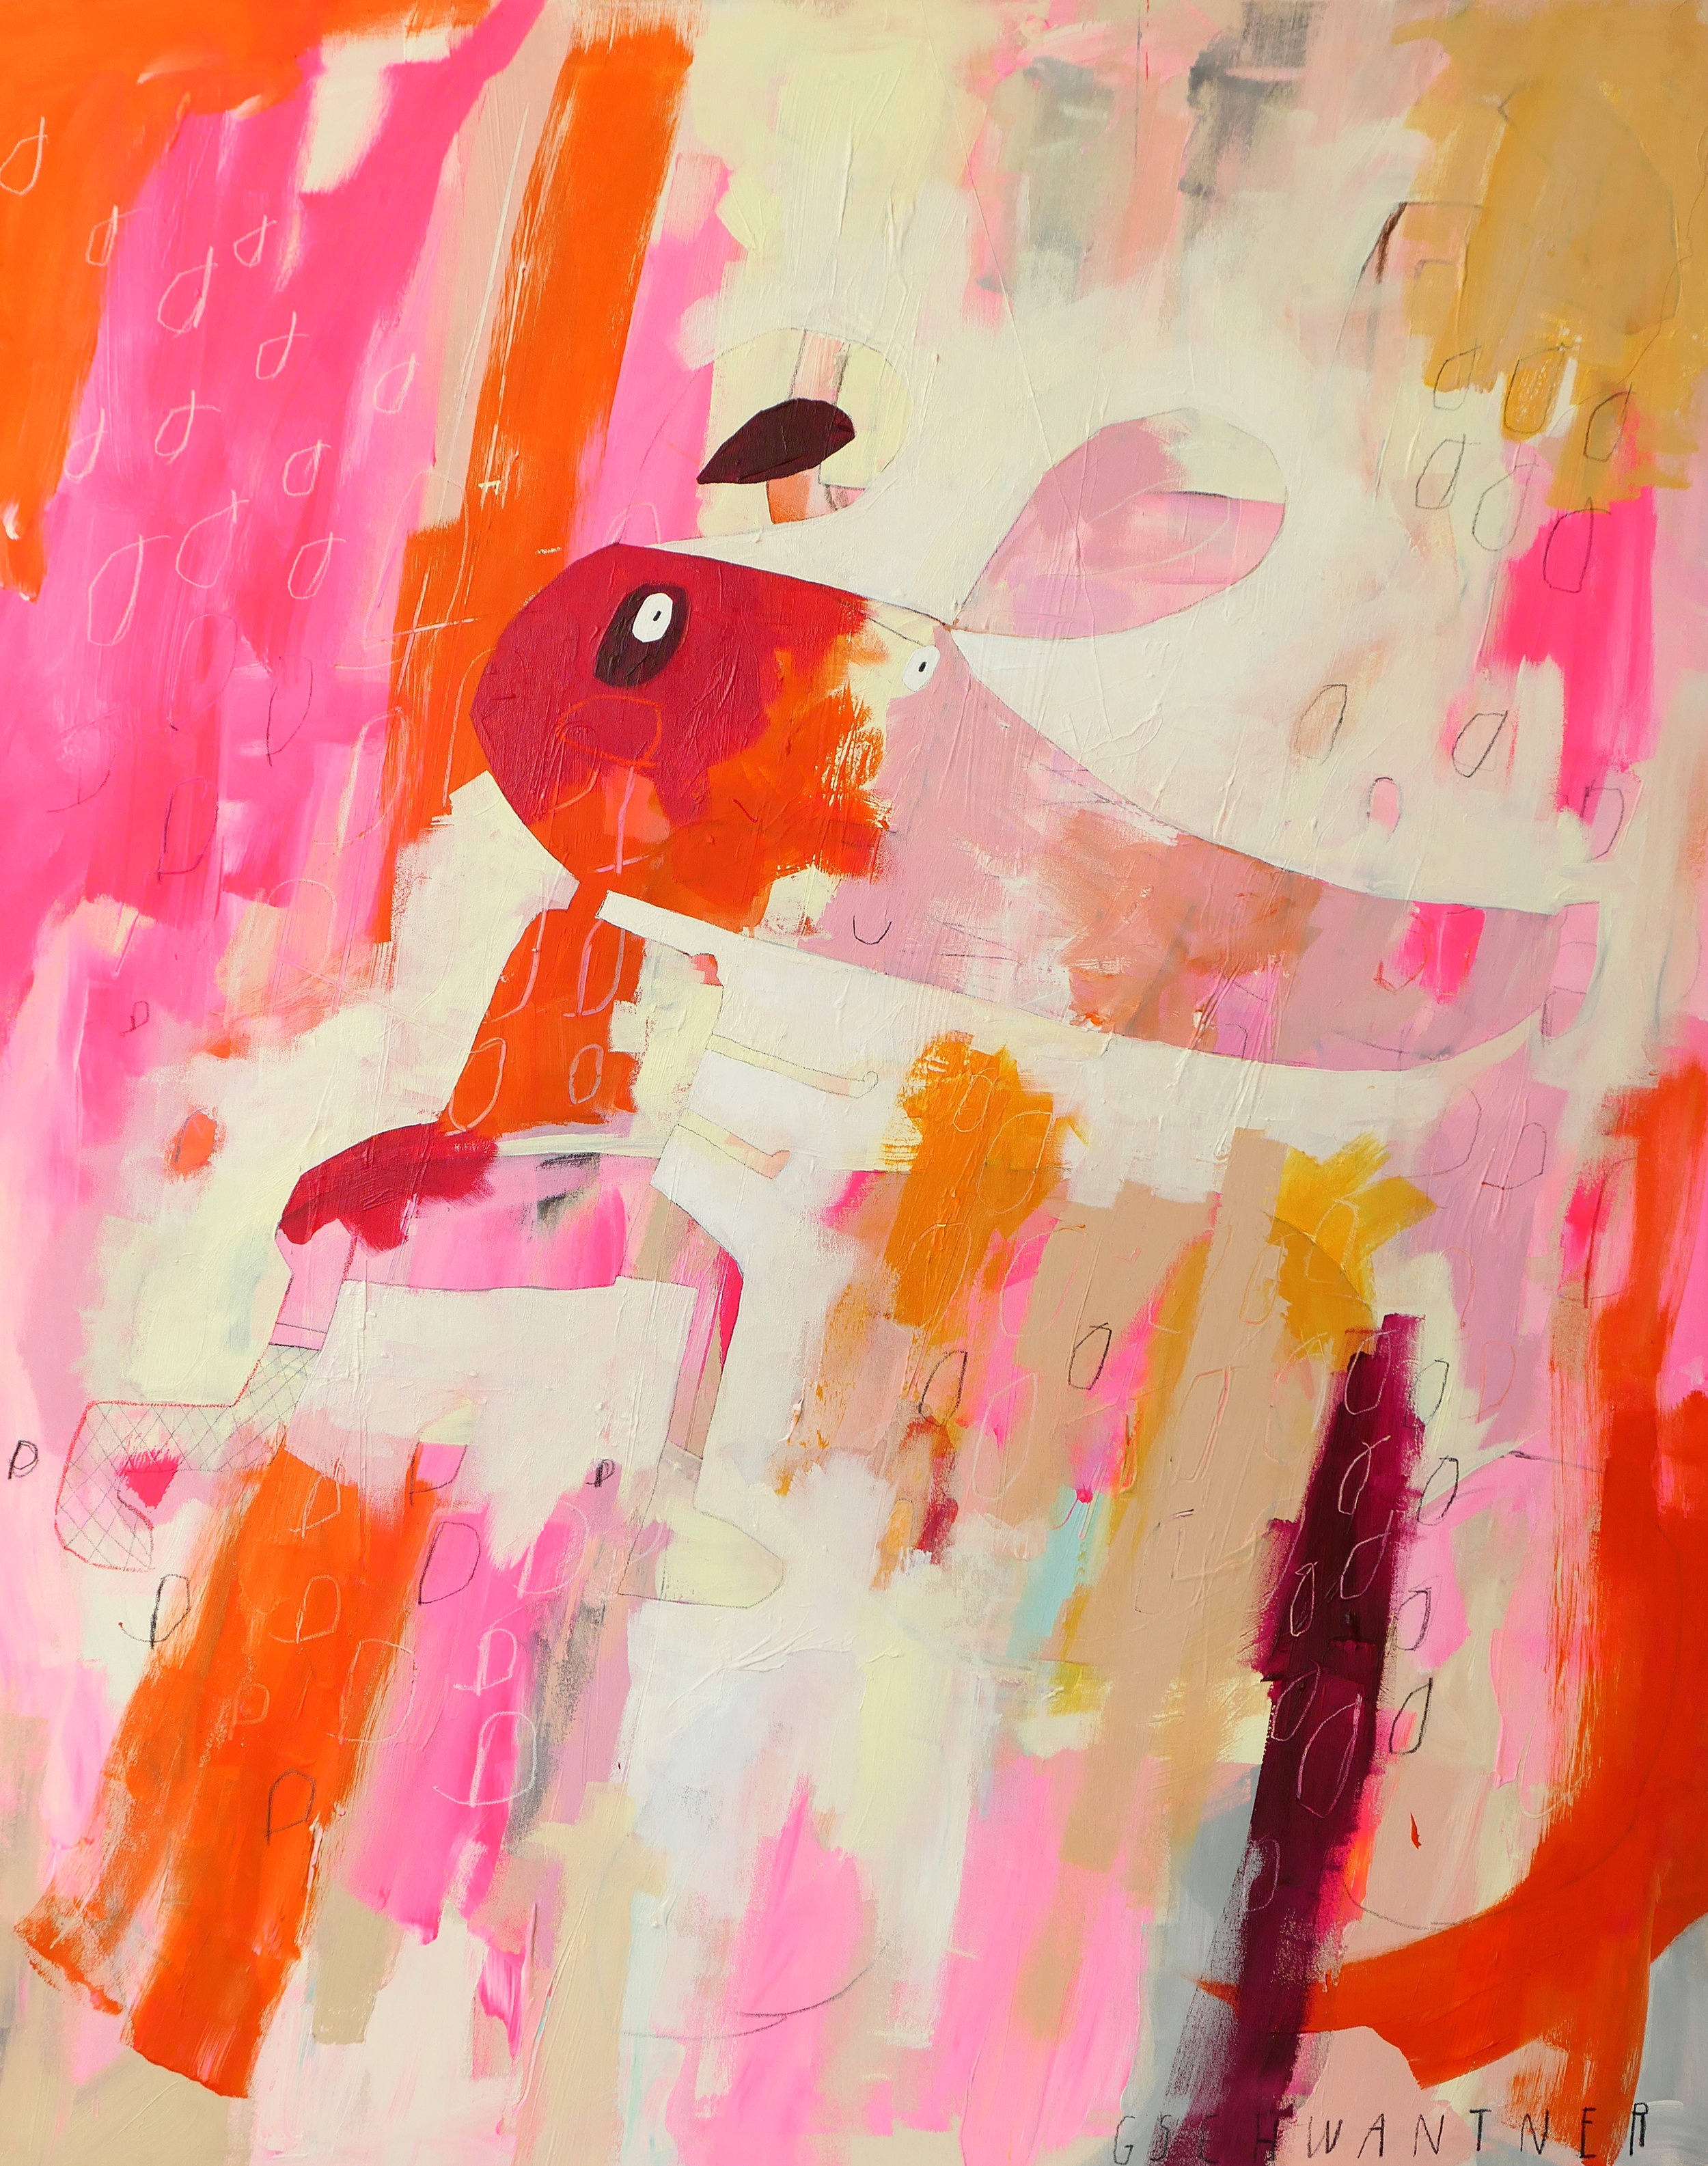 rosarote Laufmaus, 2016 / 115 x 145